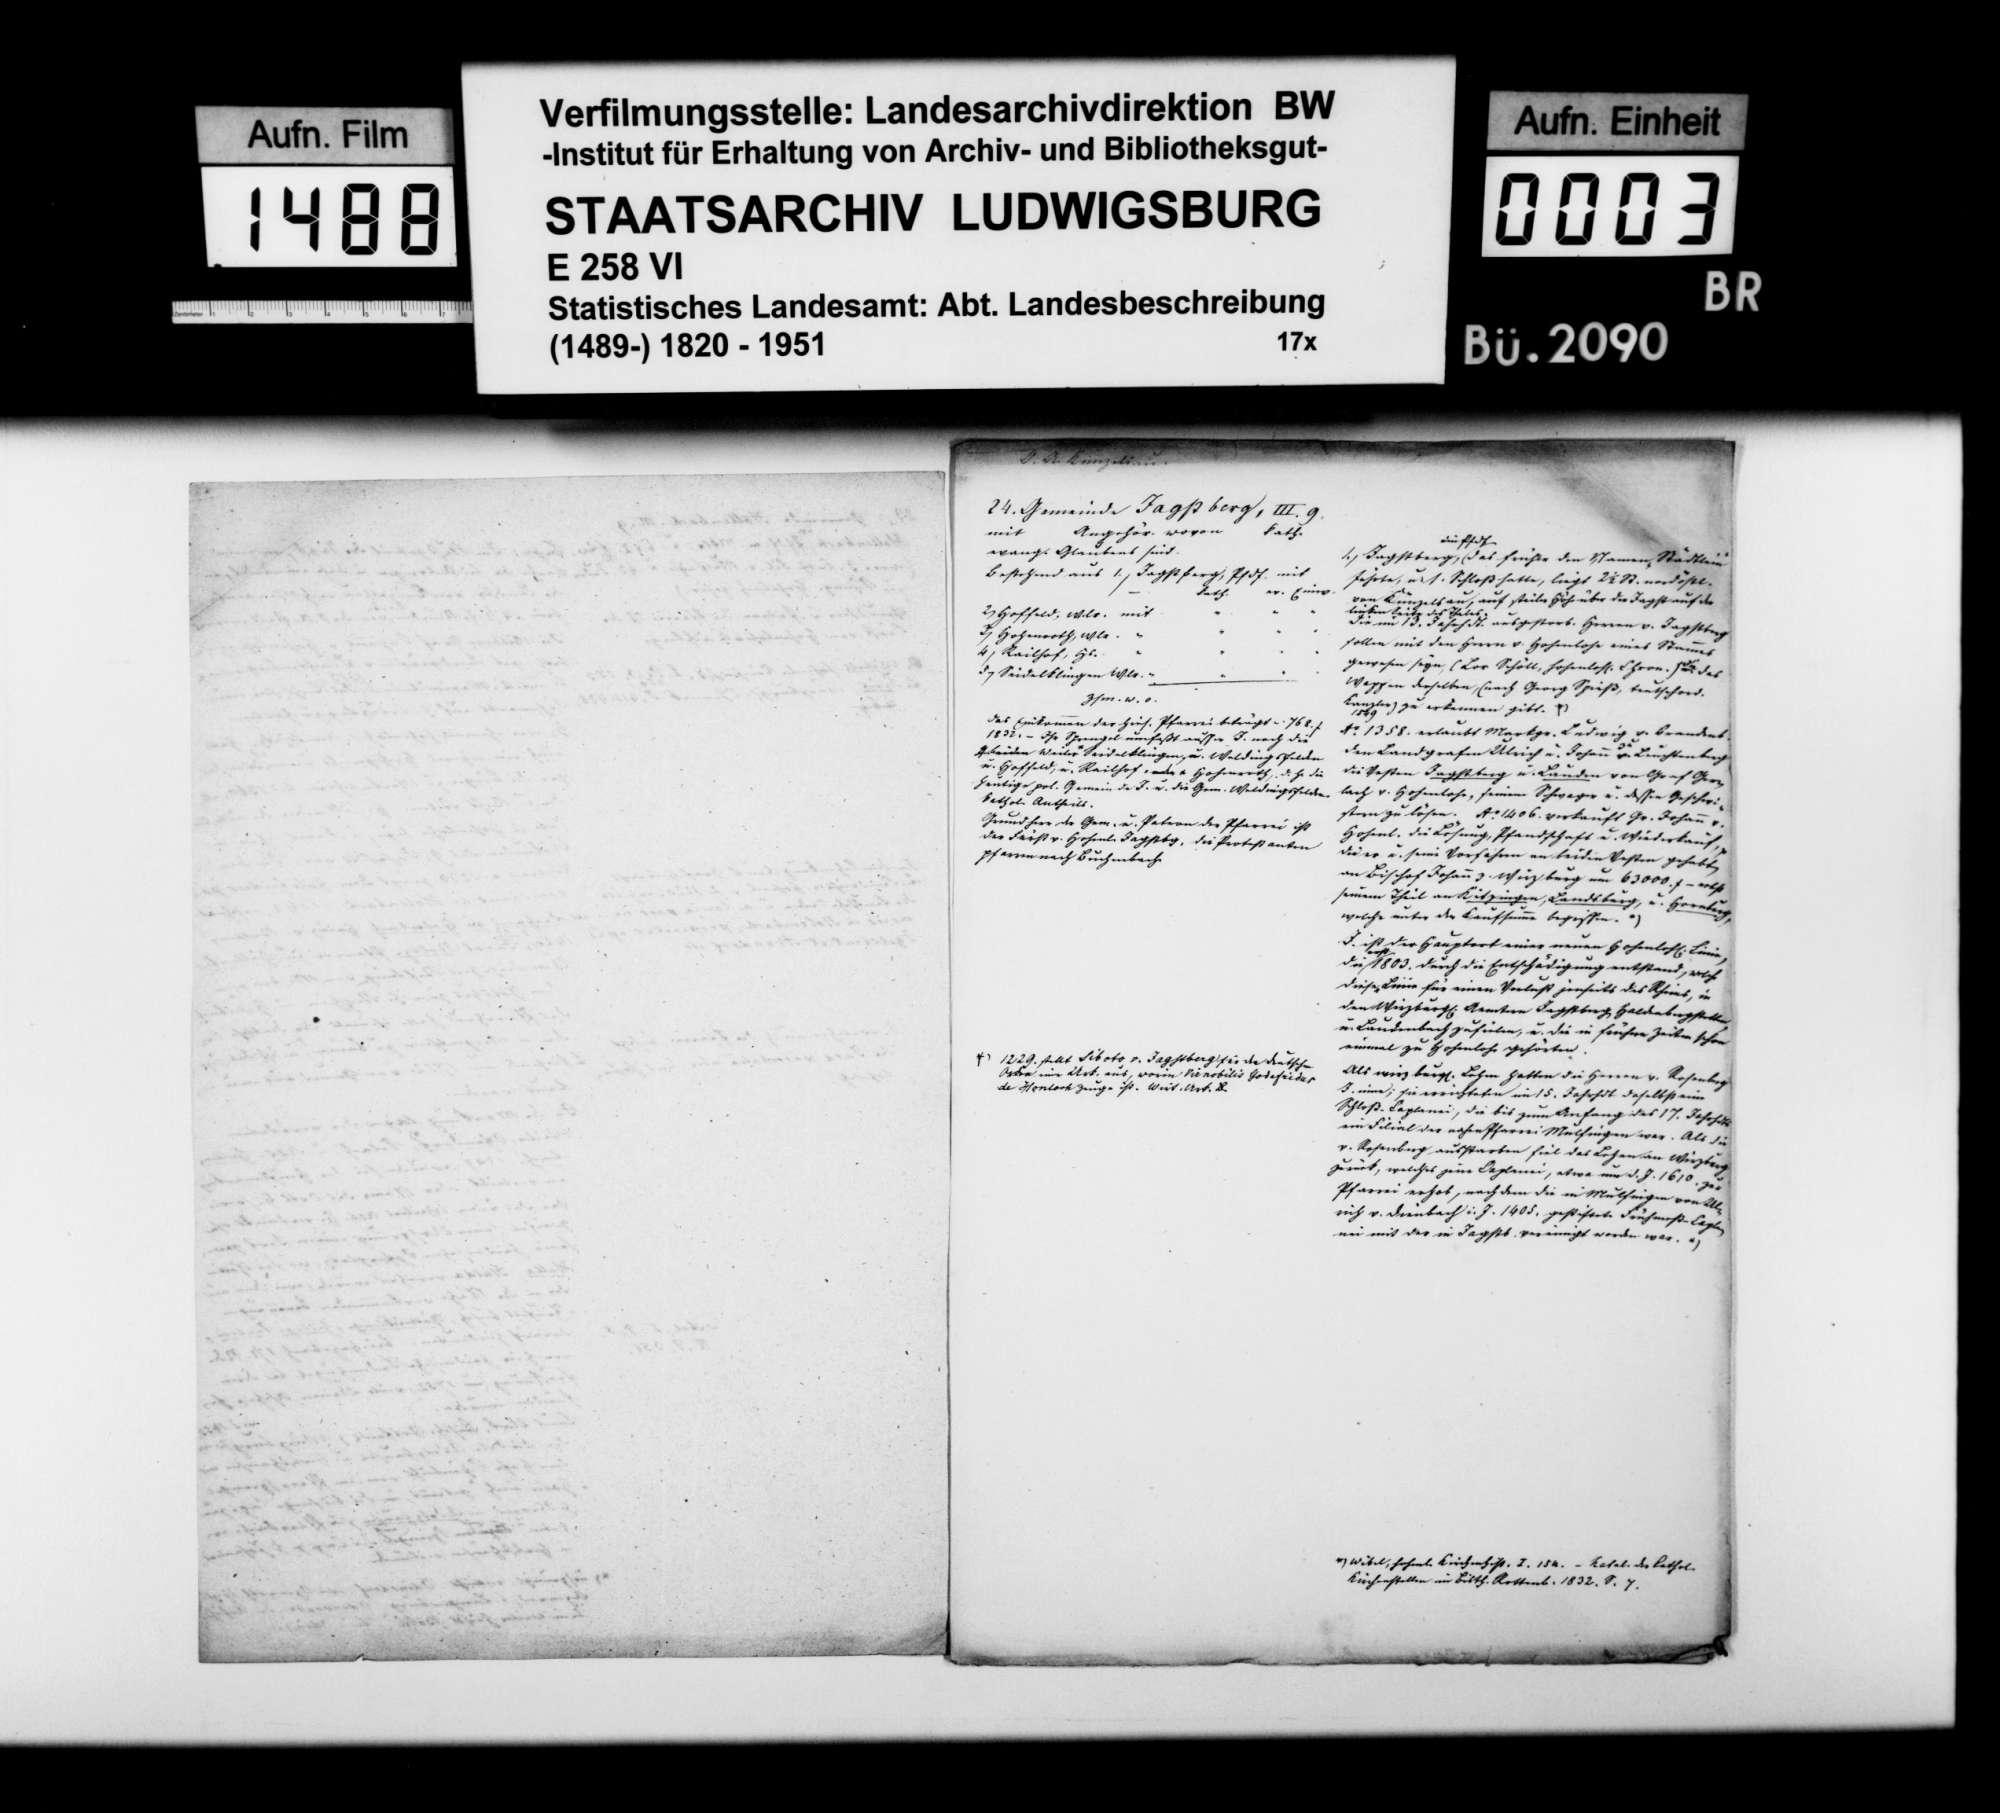 Notizen [des Trigonometers Diezel in der Kanzlei des STBs] zur Beschreibung der Gemeinden Hollenbach, Jagstberg, Ingelfingen und Niedernhall, Bild 2